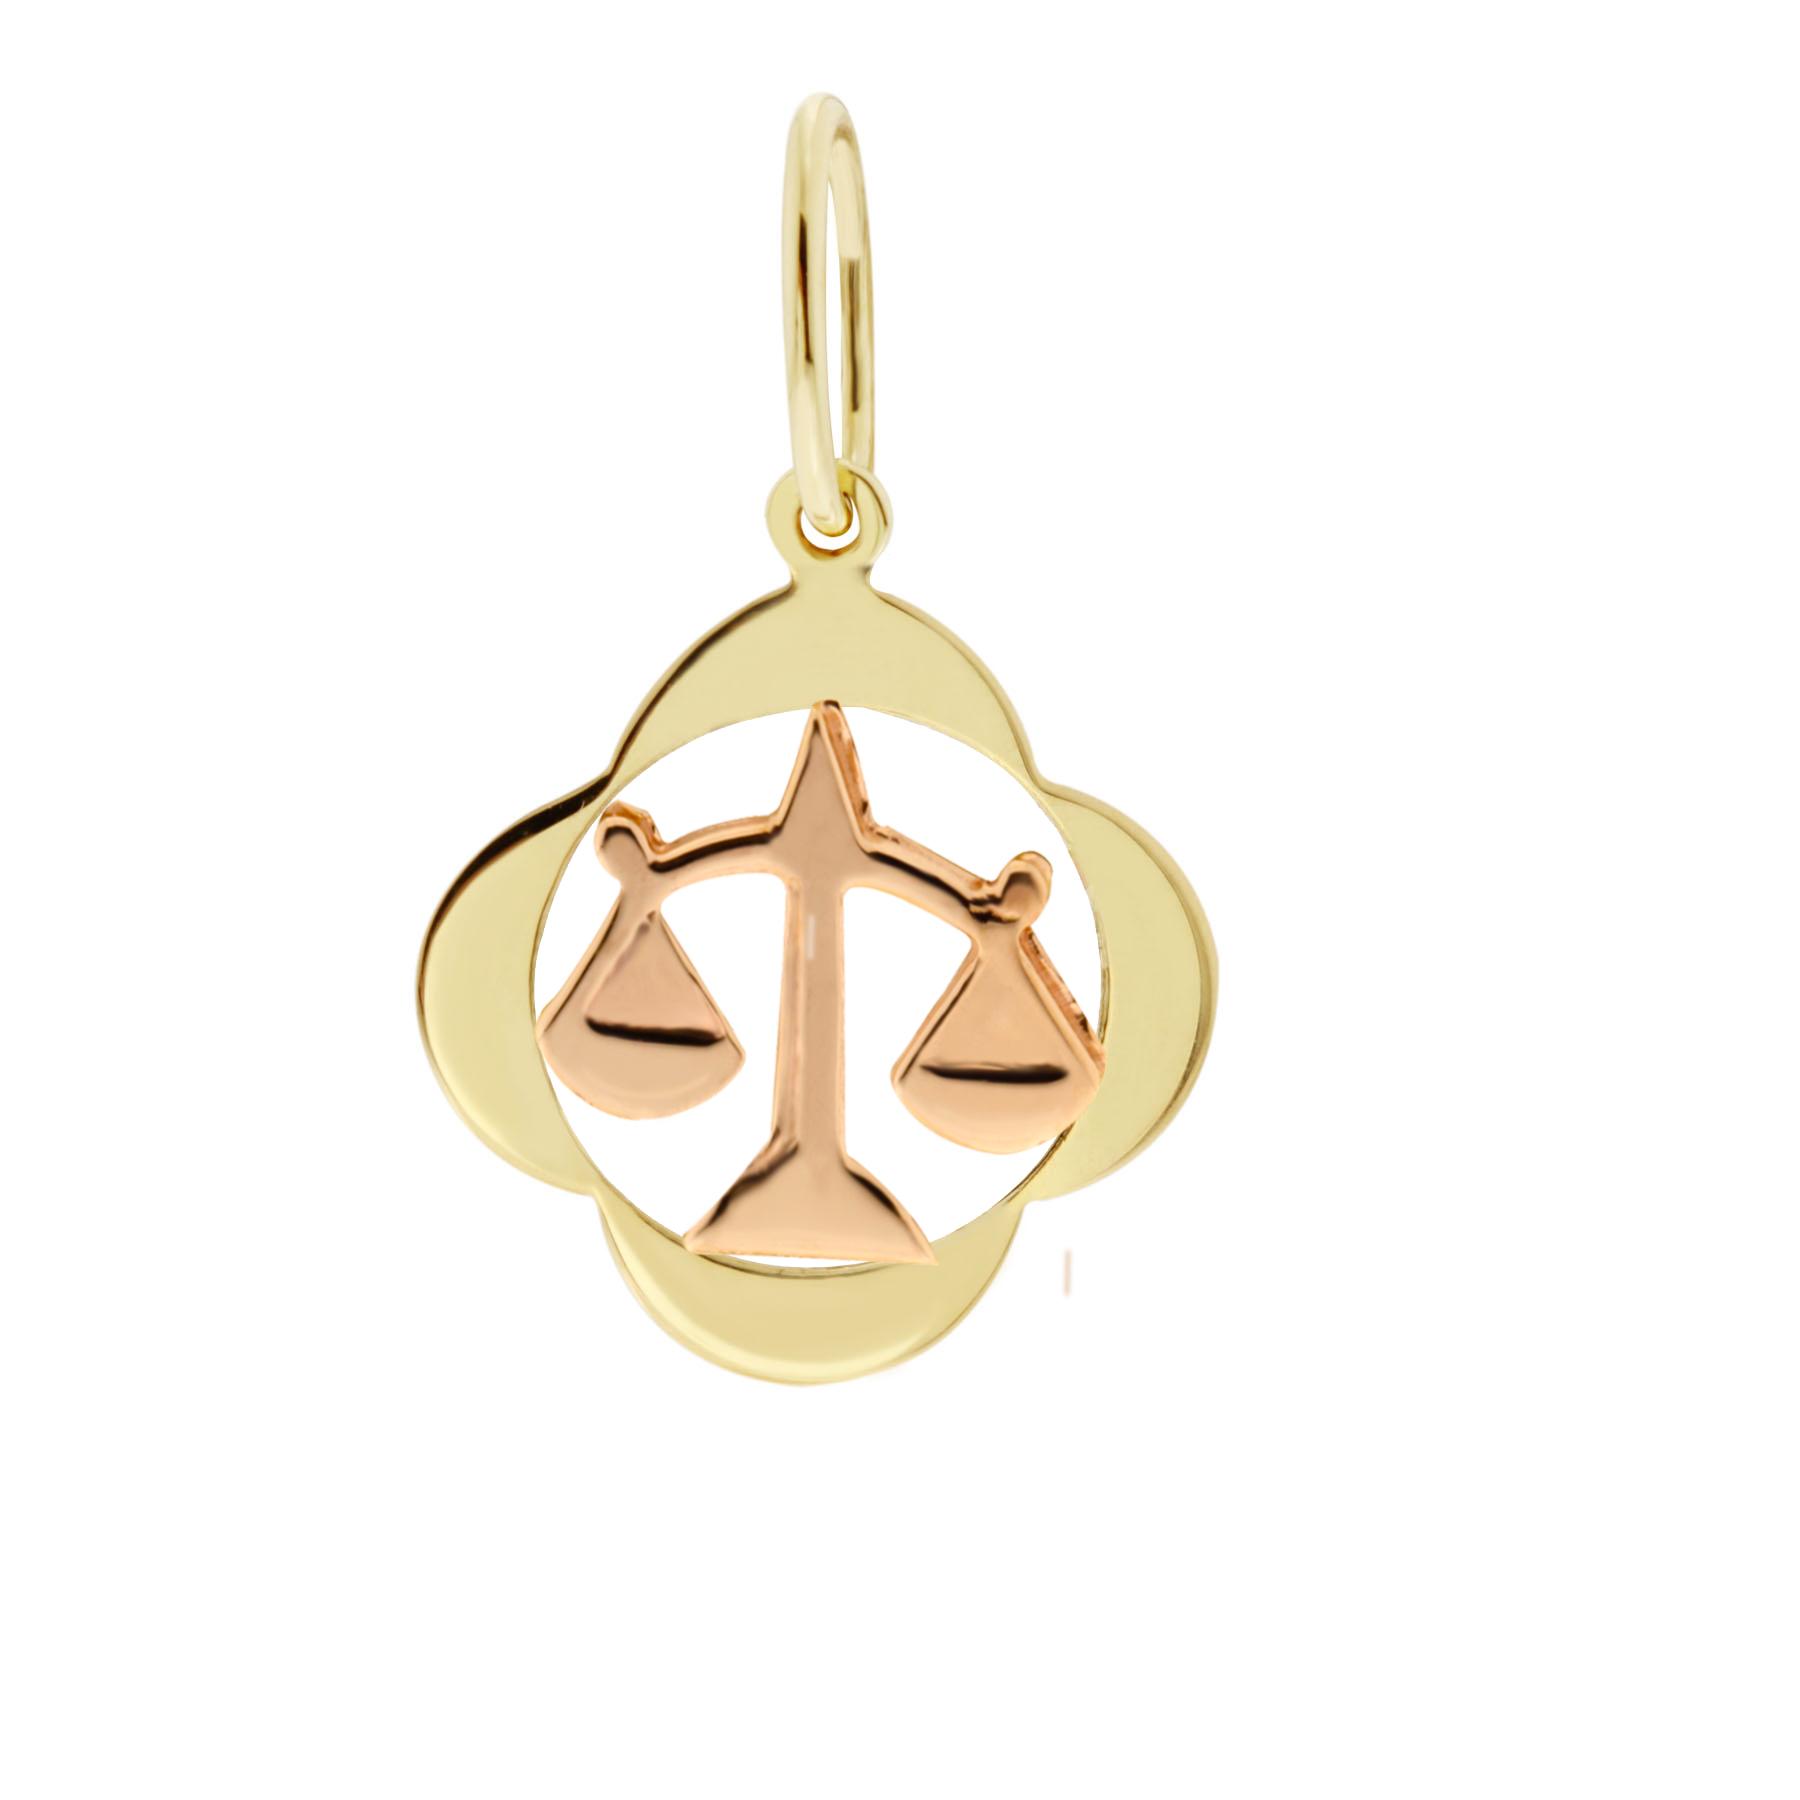 Zlatý přívěsek - znamení zvěrokruhu Váhy Tvar: Čtyřlístek, hladký rámeček